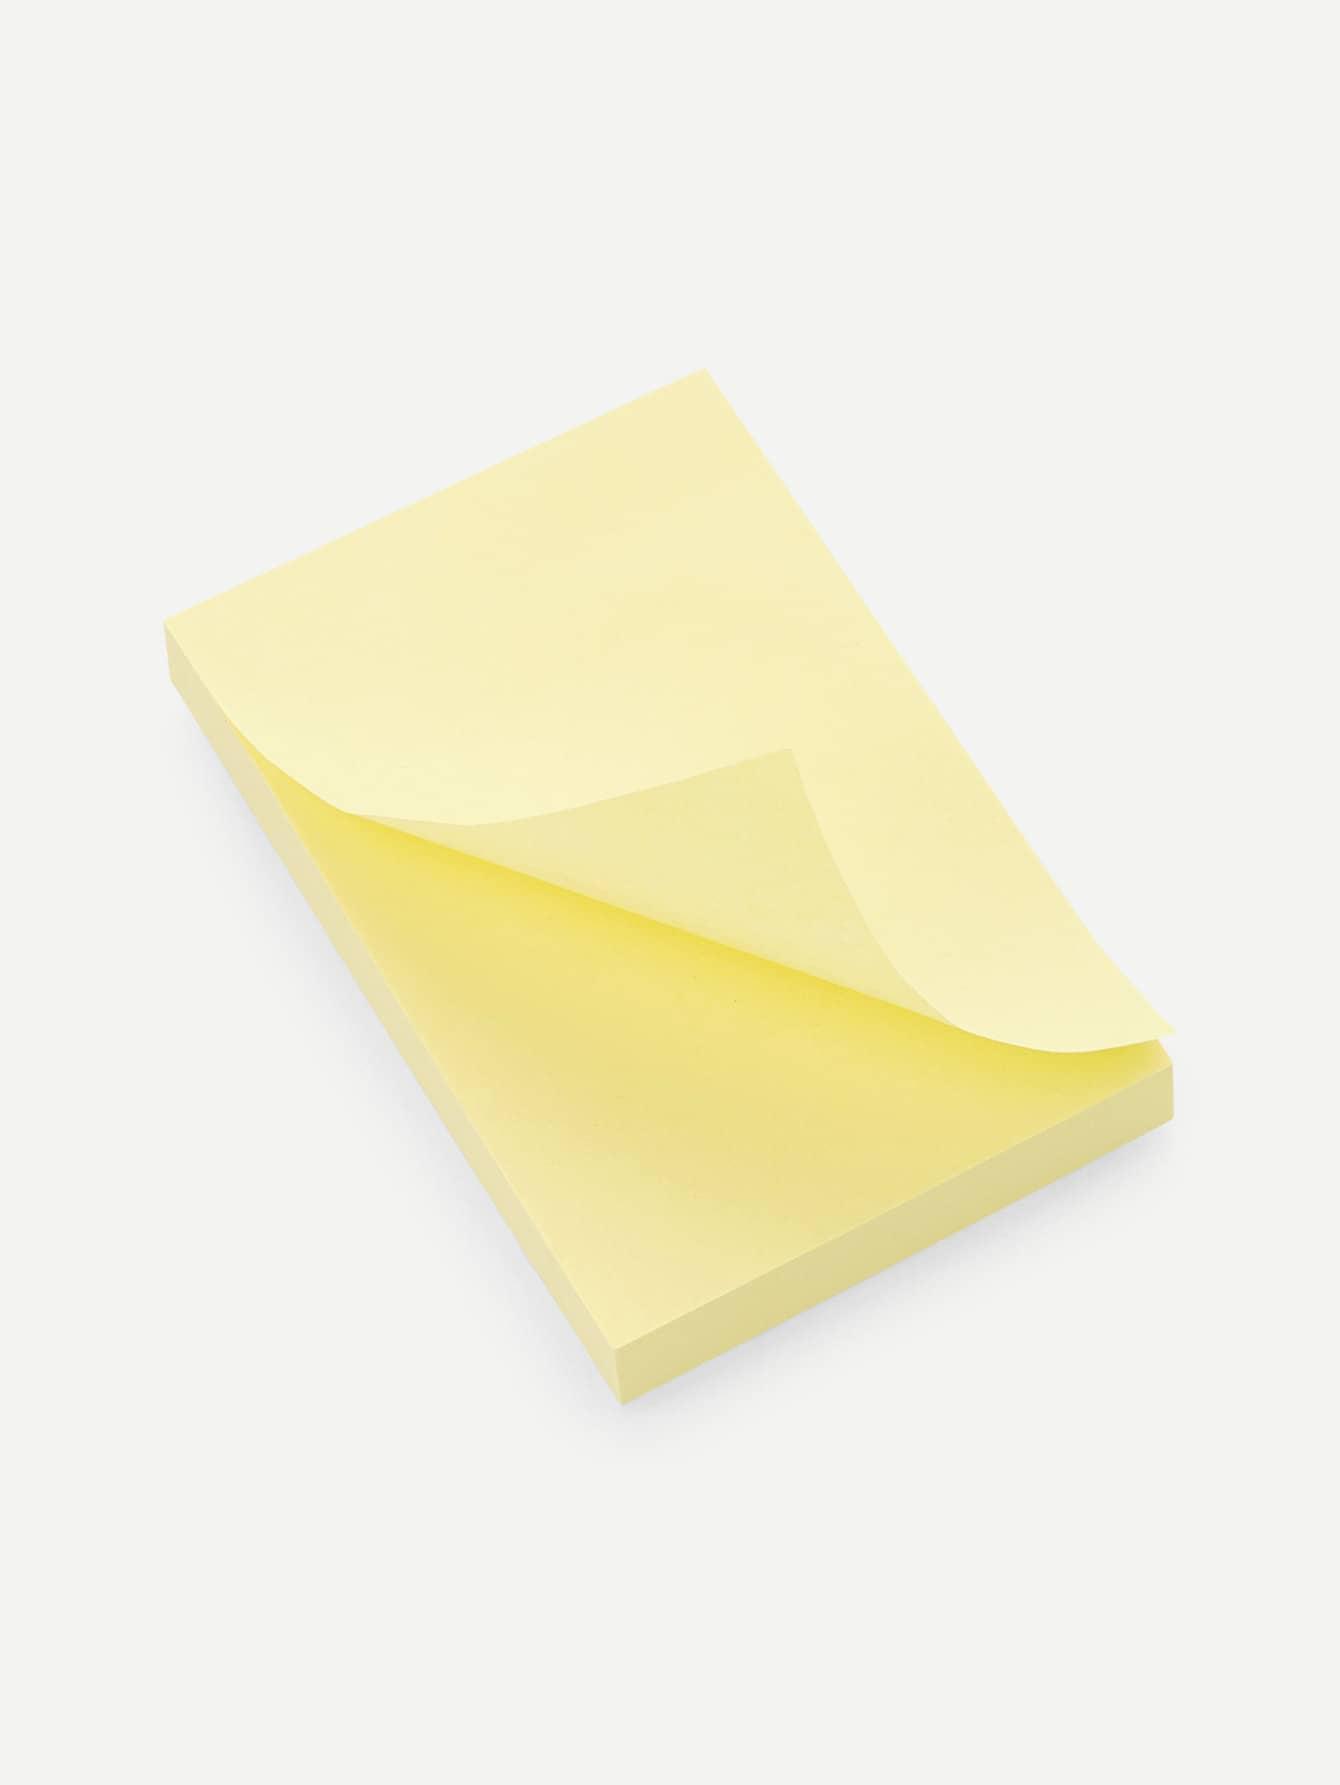 Sticky Note 100 Sheets